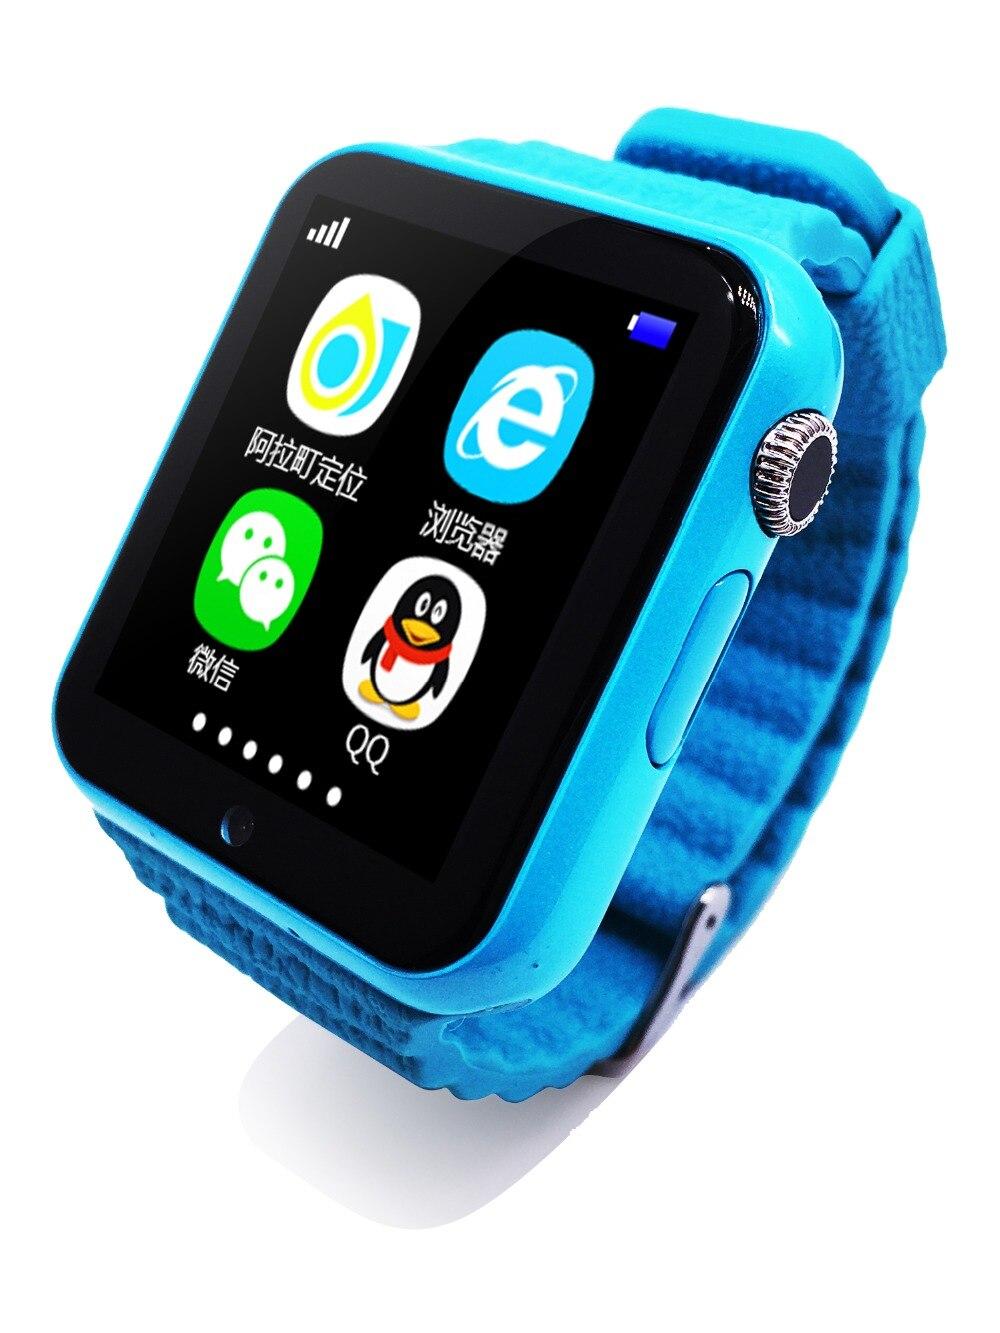 Bambini Sicurezza V7K 1.54 '' Schermo Astuto di GPS della vigilanza Con La Macchina Fotografica facebook Chiamata SOS Posizione Devicer Tracker per IOS e Android